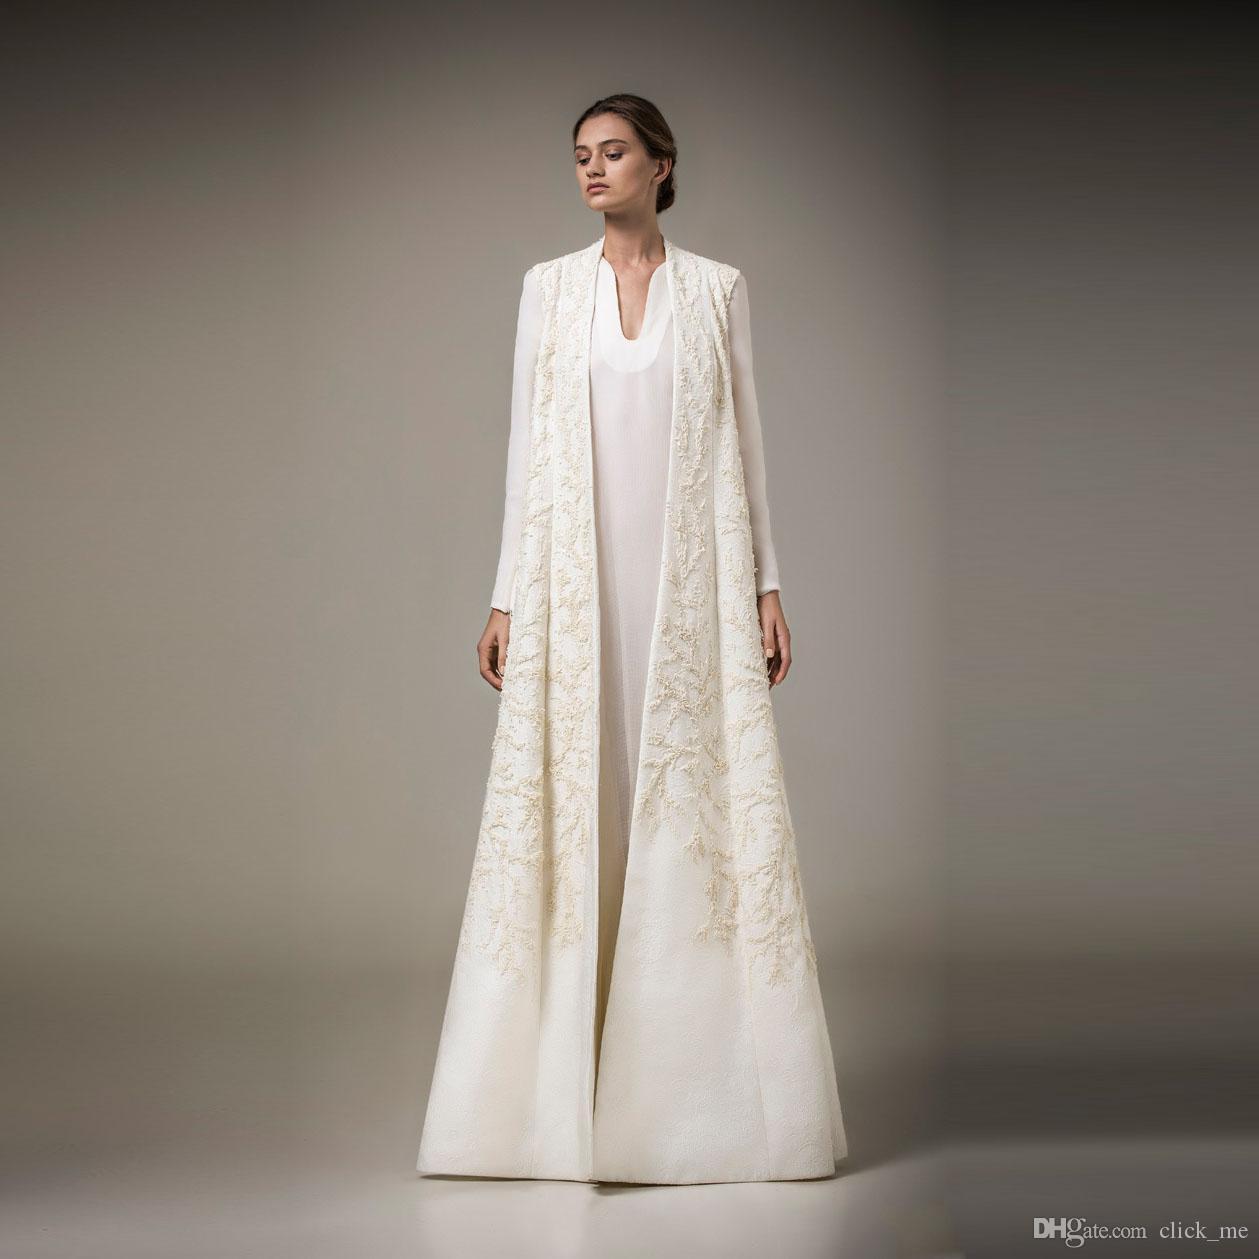 15 Erstaunlich Abendkleider Jacken Boutique Wunderbar Abendkleider Jacken Spezialgebiet